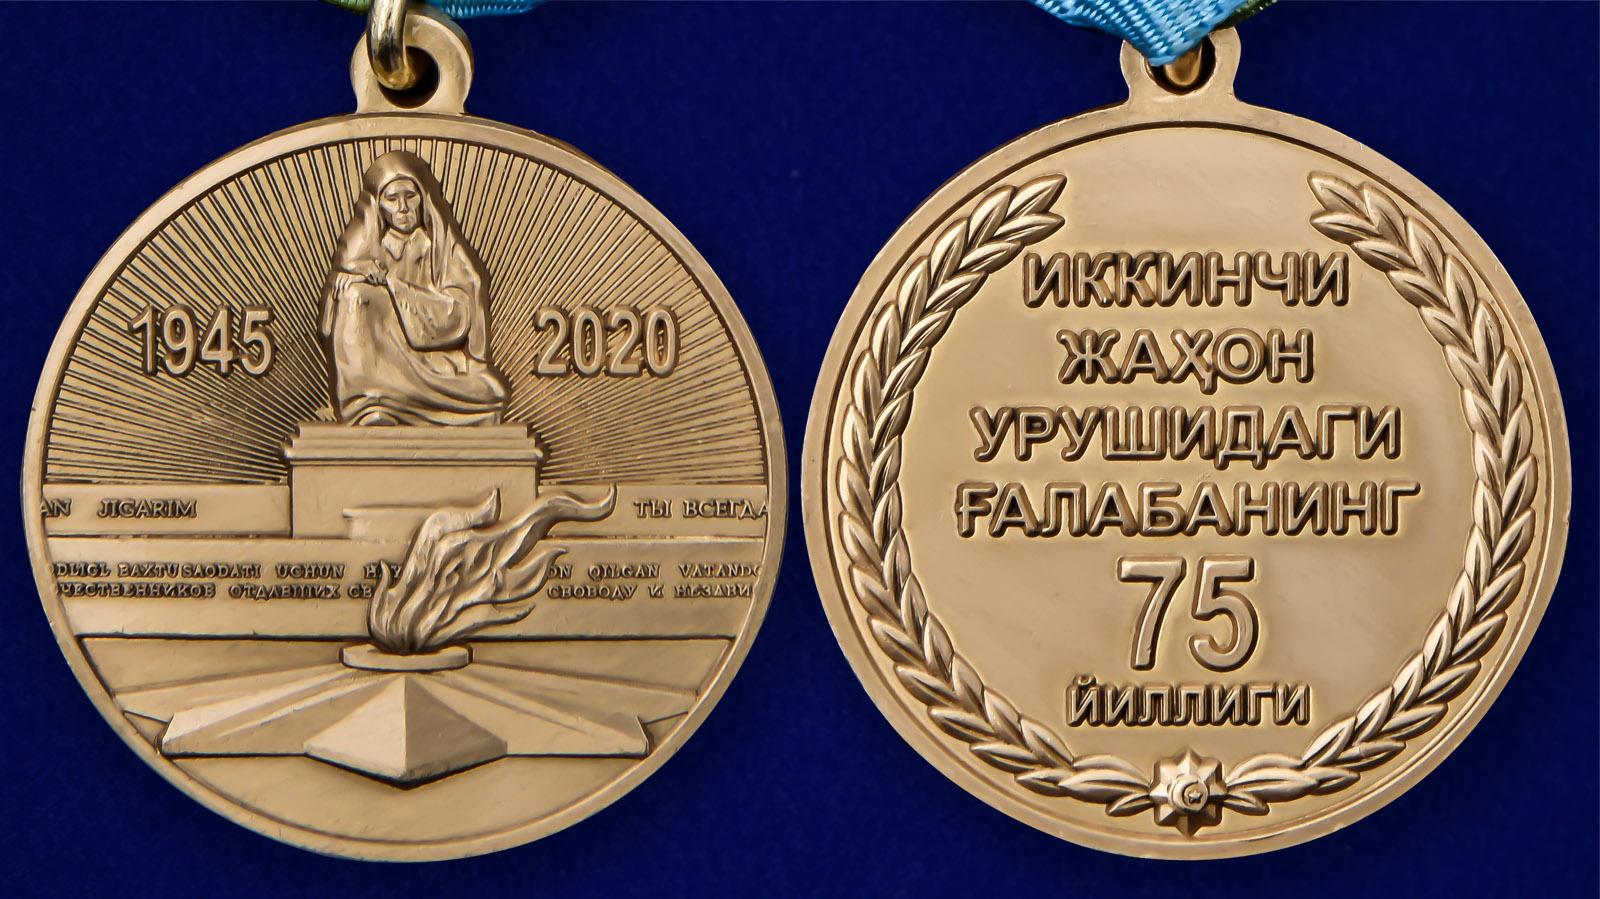 Юбилейная медаль Узбекистана 75 лет Победы во Второй мировой войне - аверс и реверс